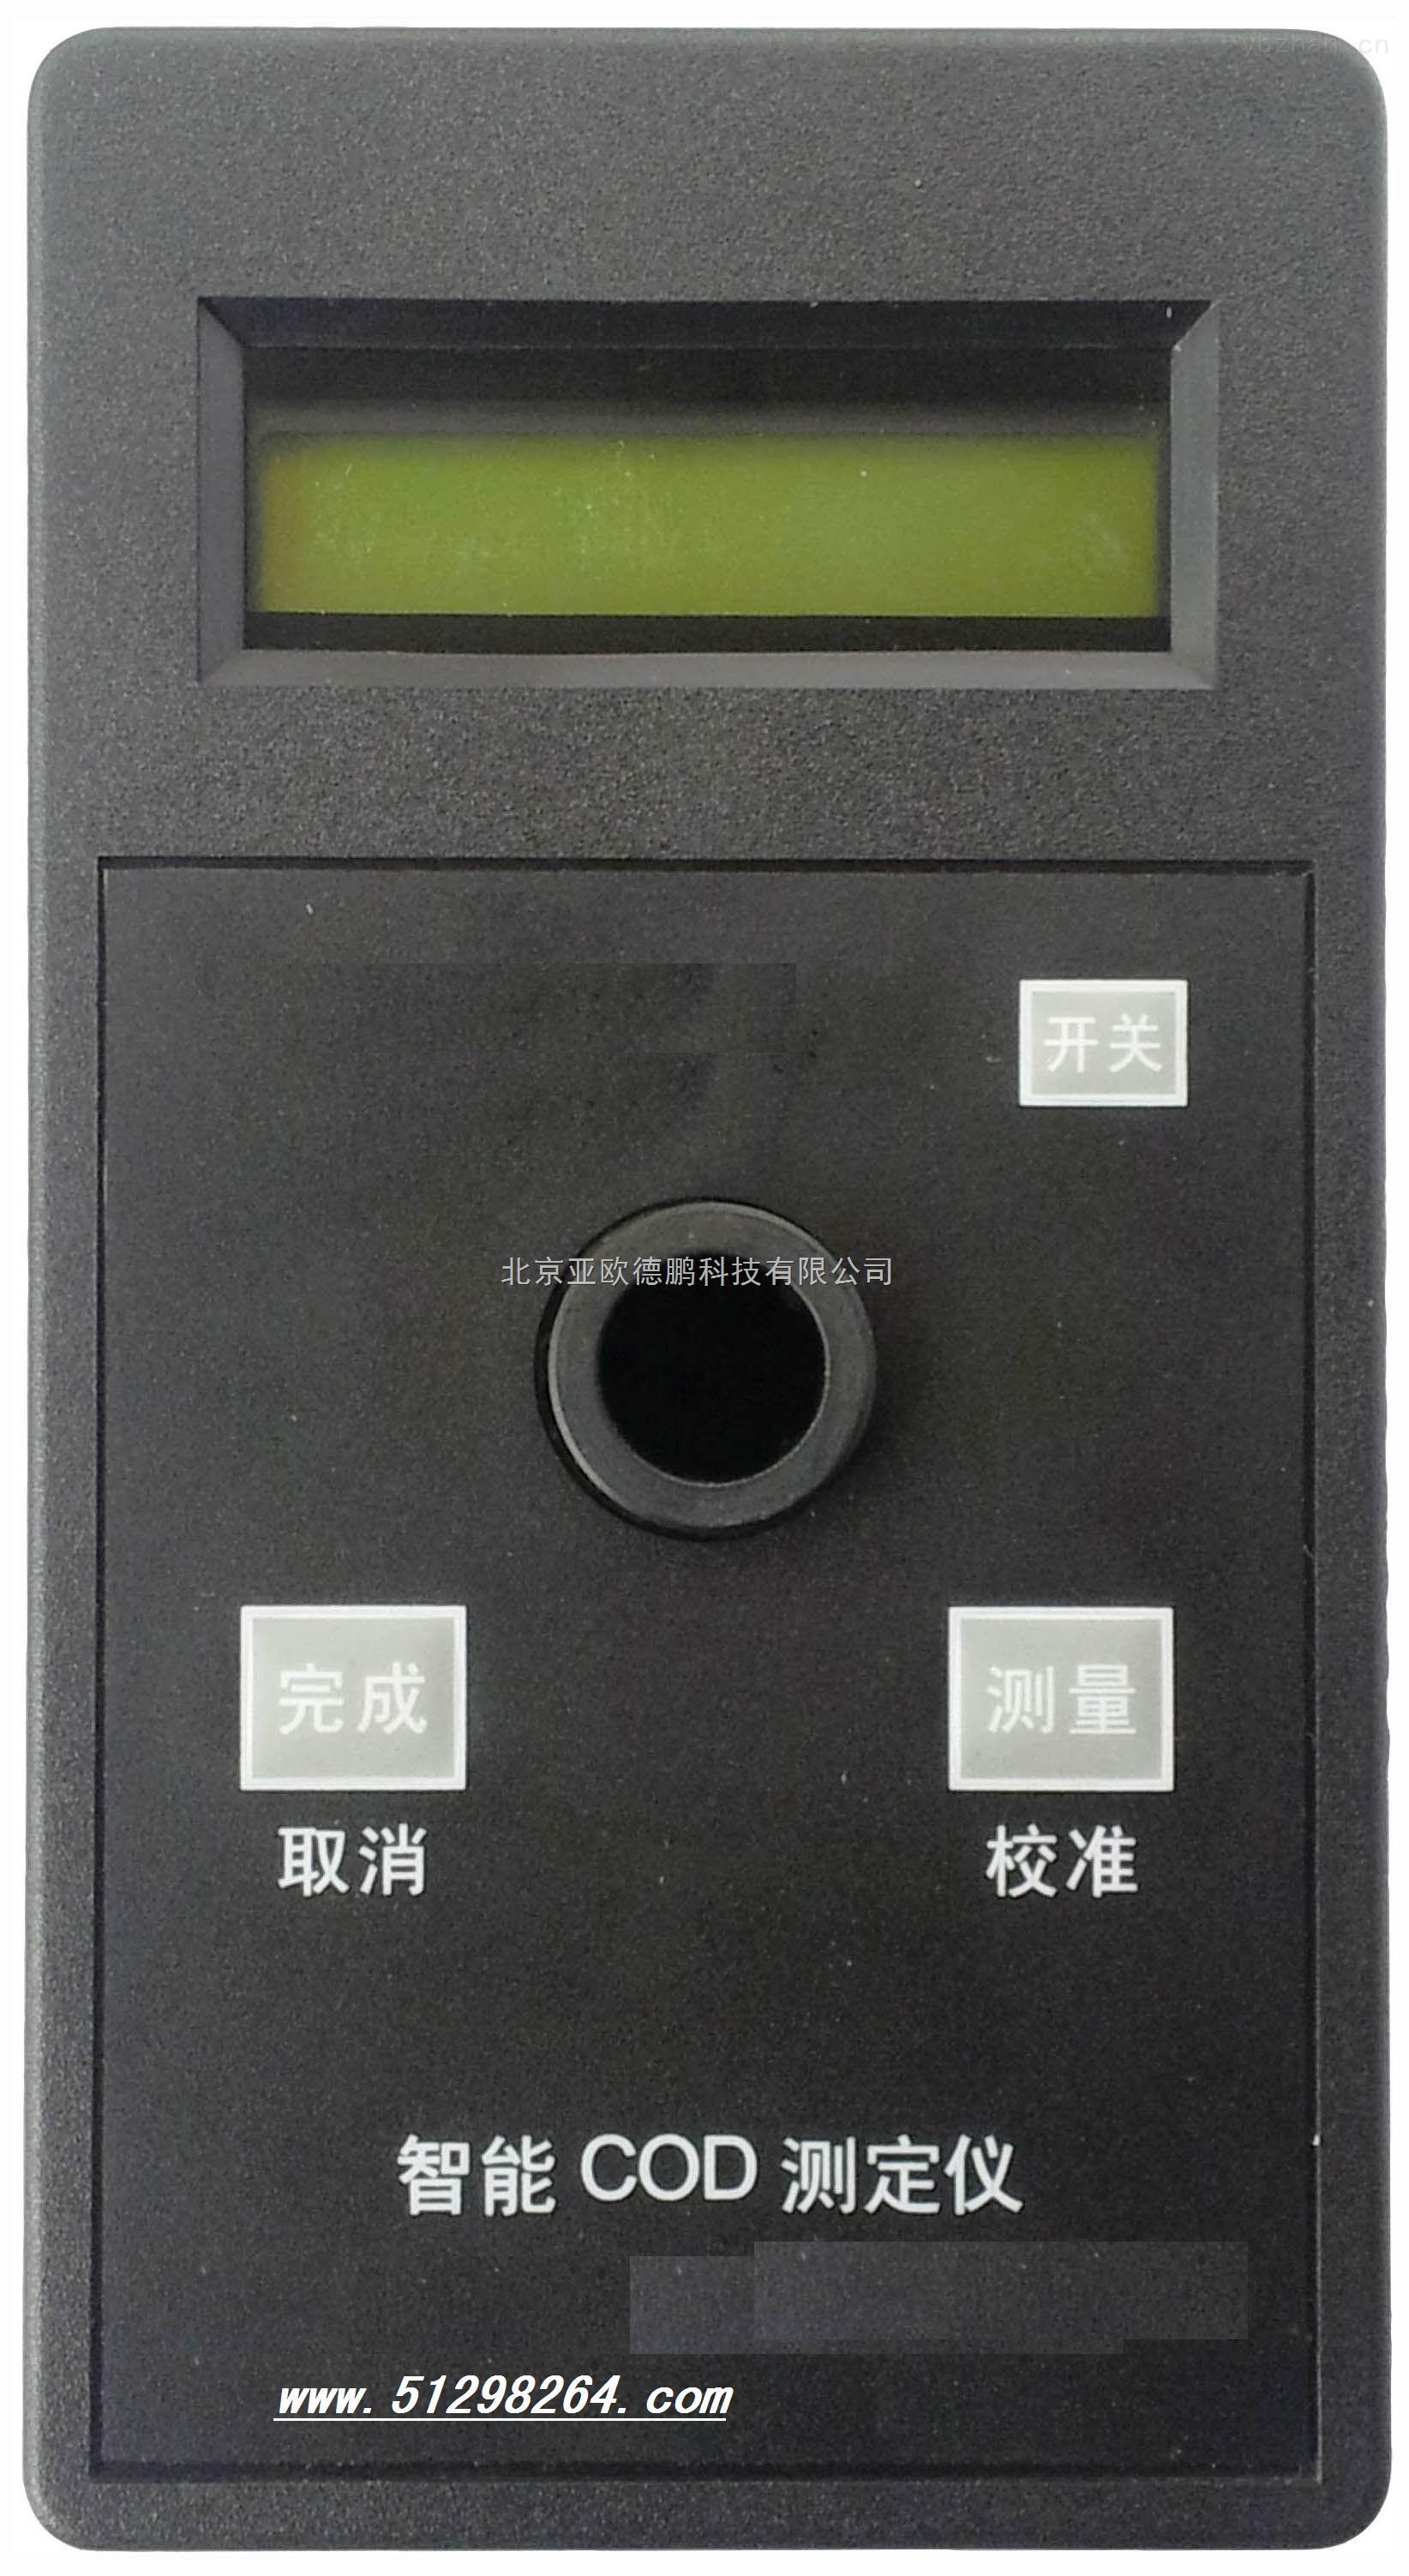 DP-04-01-智能COD水质测定仪/COD水质测定仪/COD测定仪/检测仪